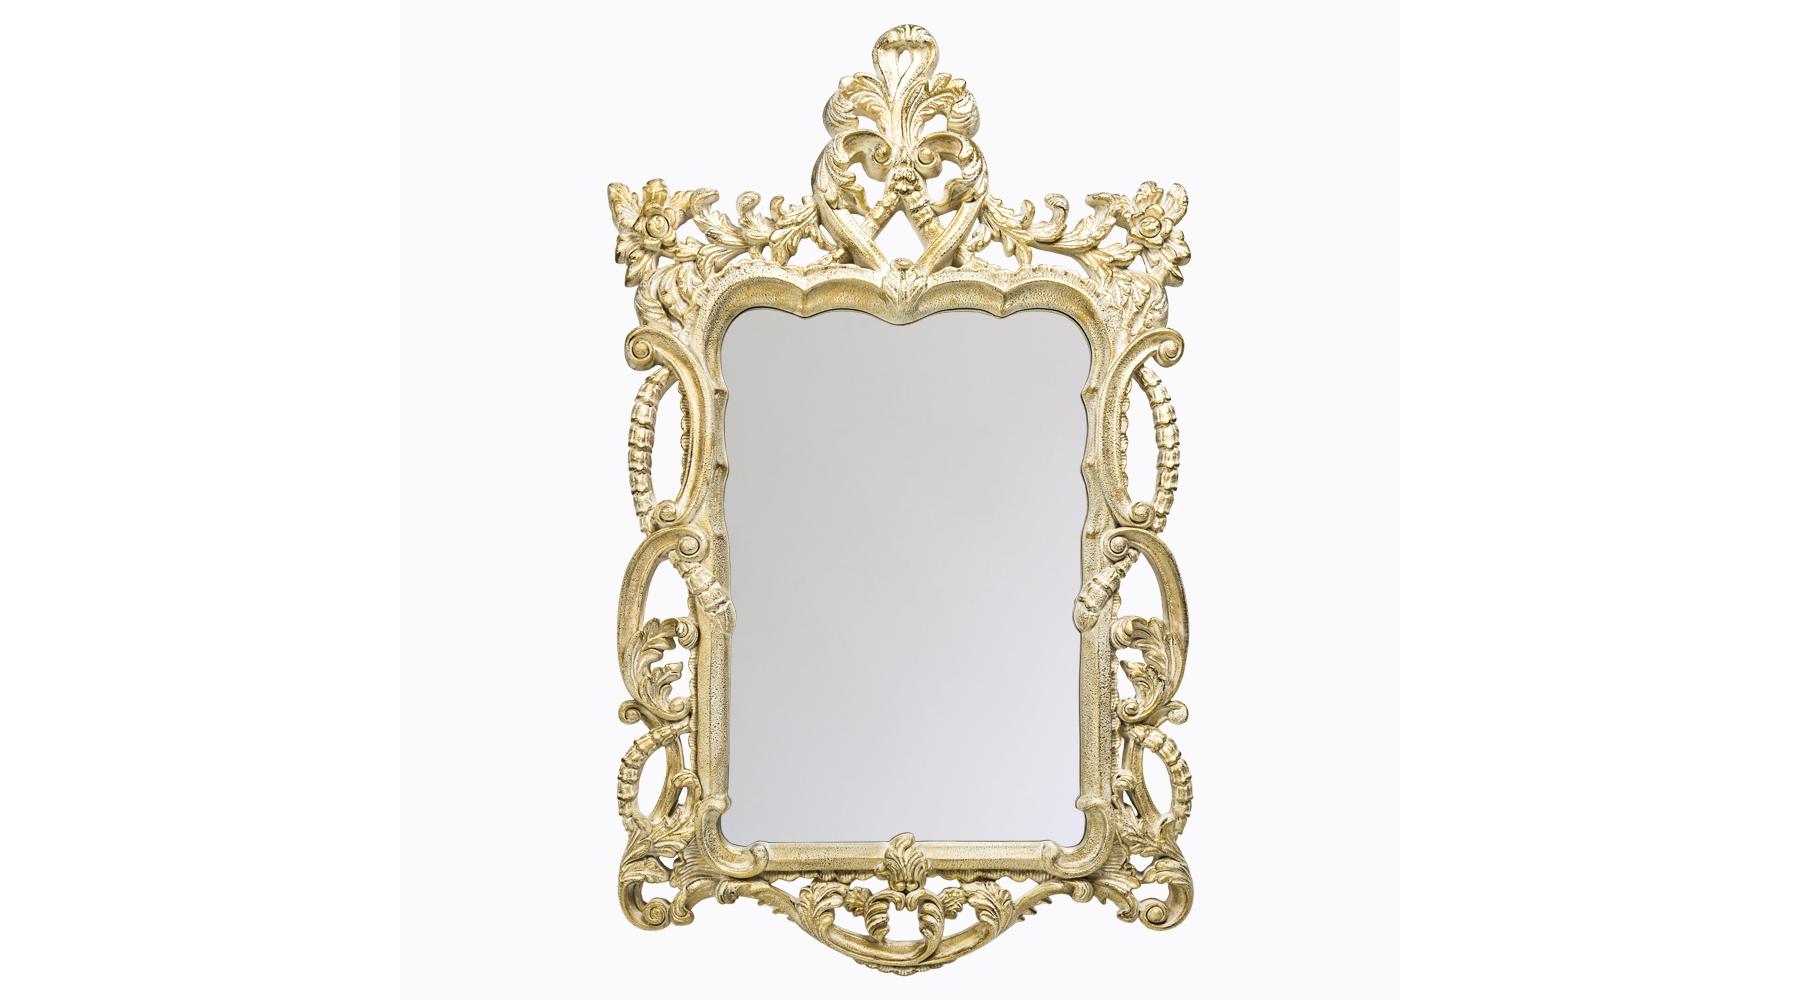 Настенное зеркало «Коринн»Настенные зеркала<br>Зеркало в золоченой раме в стиле Ренессанса – подходящая деталь для интерьера, когда нужно «броско, роскошно и винтажно». Обрамление изготовлено из современного мебельного полиуретана, материала очень прочного, долговечного, влагоустойчивого, не требующего особого ухода. Кроме того, багет, при всей внешней массивности, совсем не тяжелый – изделие весит всего 7,5 кг. Лакокрасочный состав экологичен, держится стойко и не теряет яркого блеска даже годы спустя. Толщина зеркального слоя с покрытием из серебряной амальгамы составляет 5 мм.<br><br>Material: Полиуретан<br>Ширина см: 77<br>Высота см: 122<br>Глубина см: 5